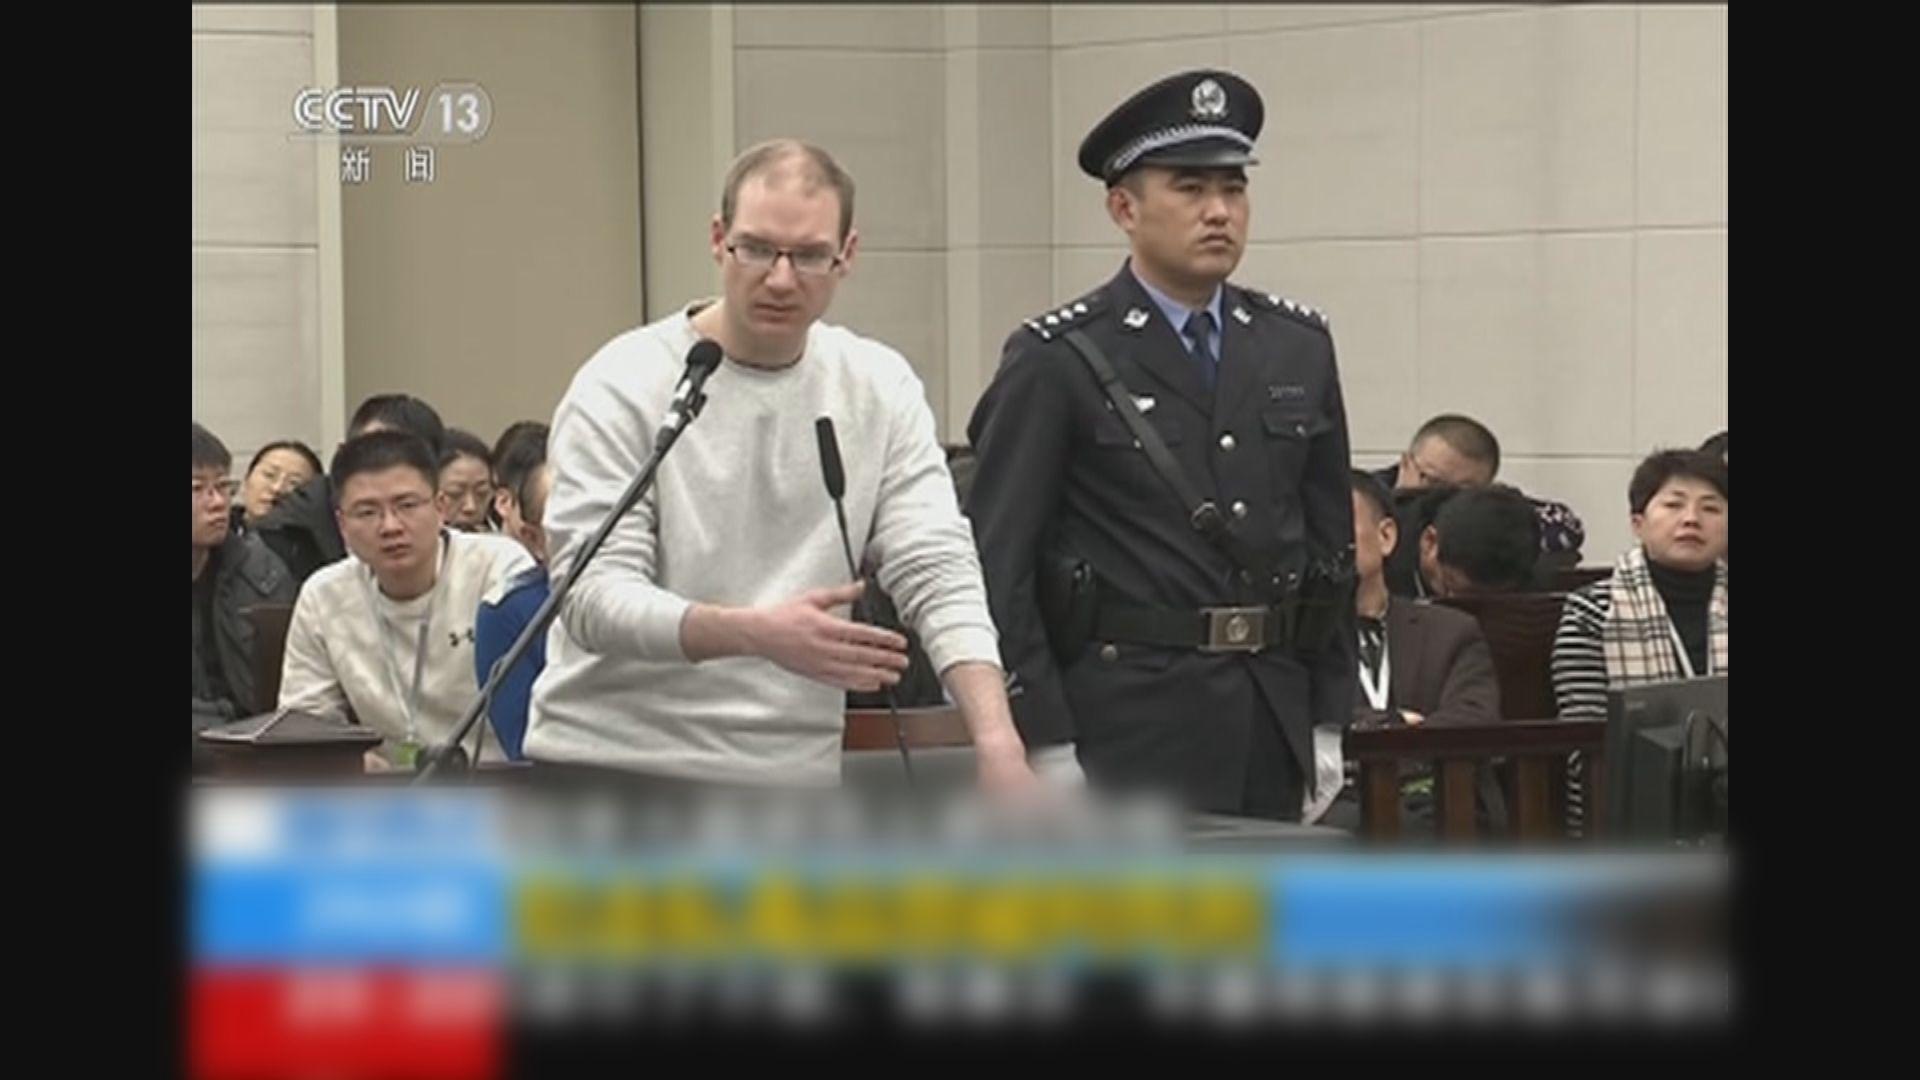 中國駐加使館指加方沒資格就謝倫伯格案說三道四